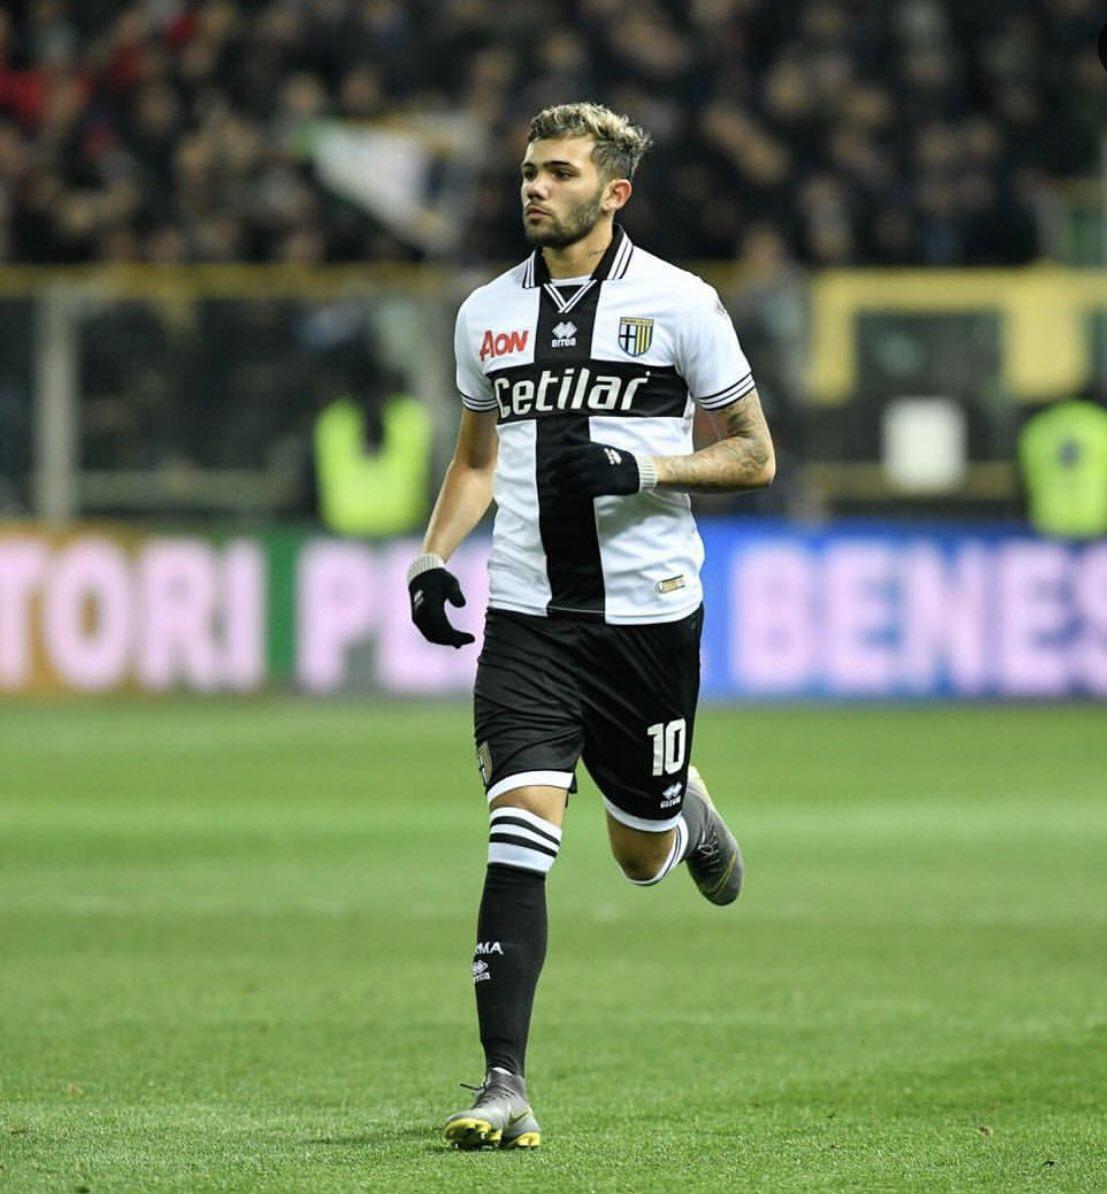 """Matías Cruz ?? on Twitter: """"Nicolás Schiappacasse con la número 10 debutó  en Parma frente a Napoli ingresando al minuto 78 de partido.… """""""